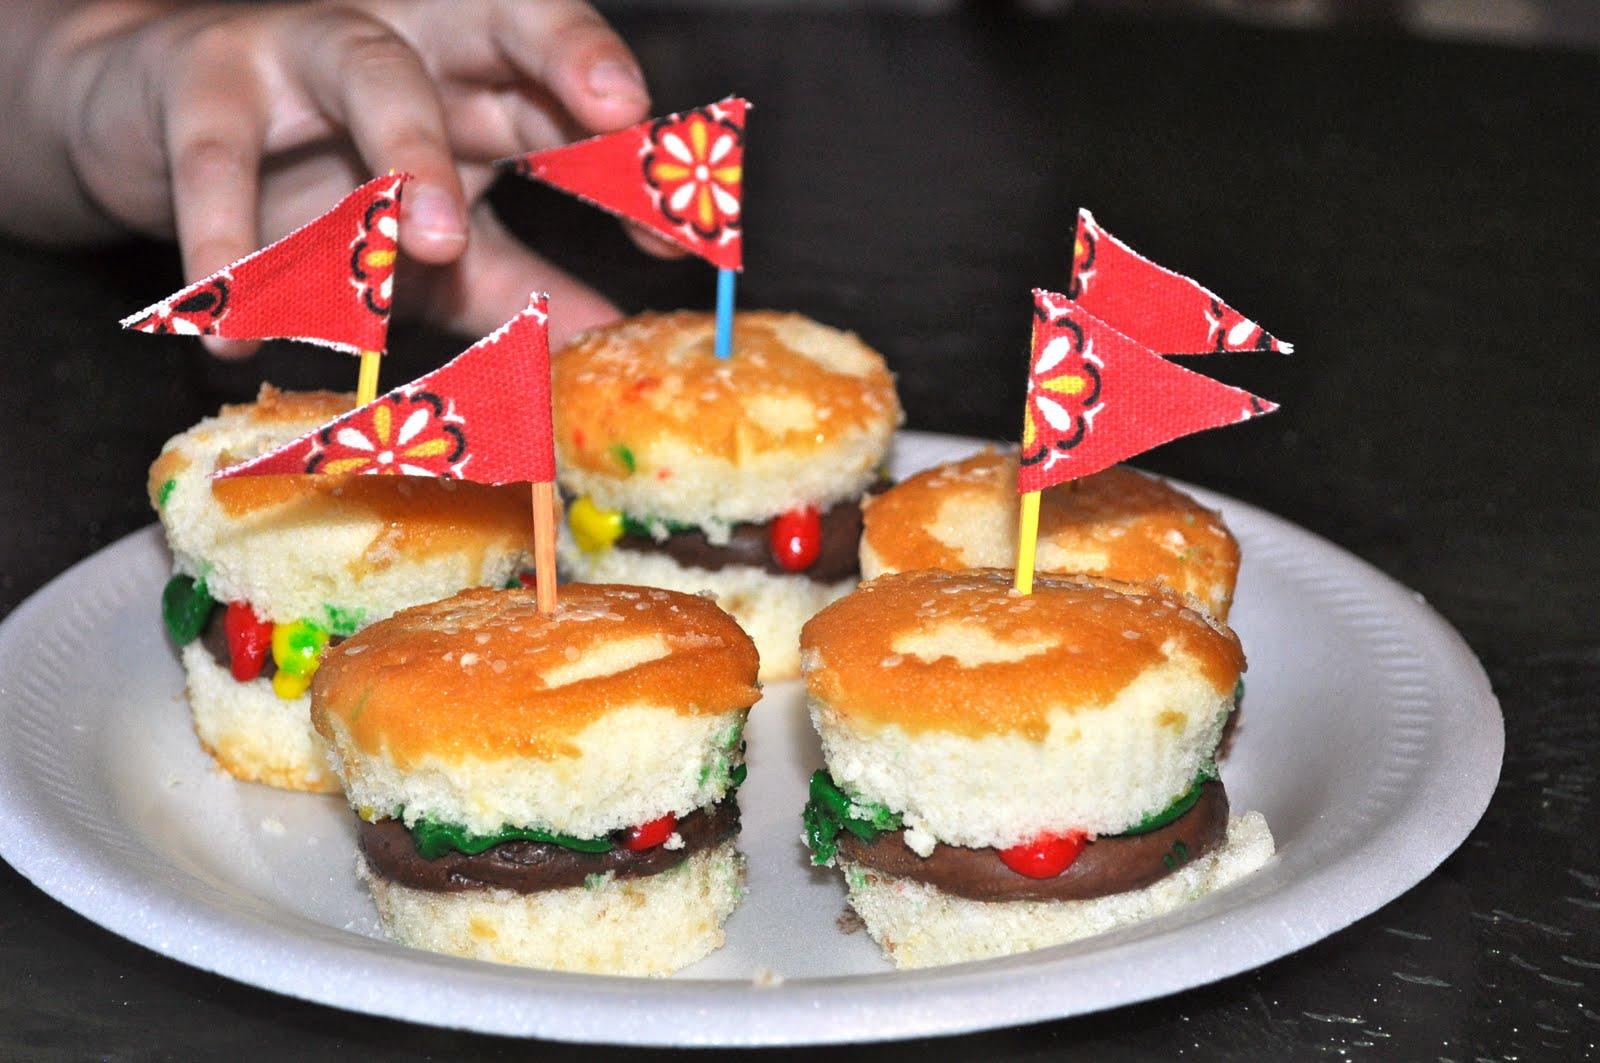 ewe hooo!: Lake Staple— Hamburger Cupcakes and Sweet Tomato BBQ